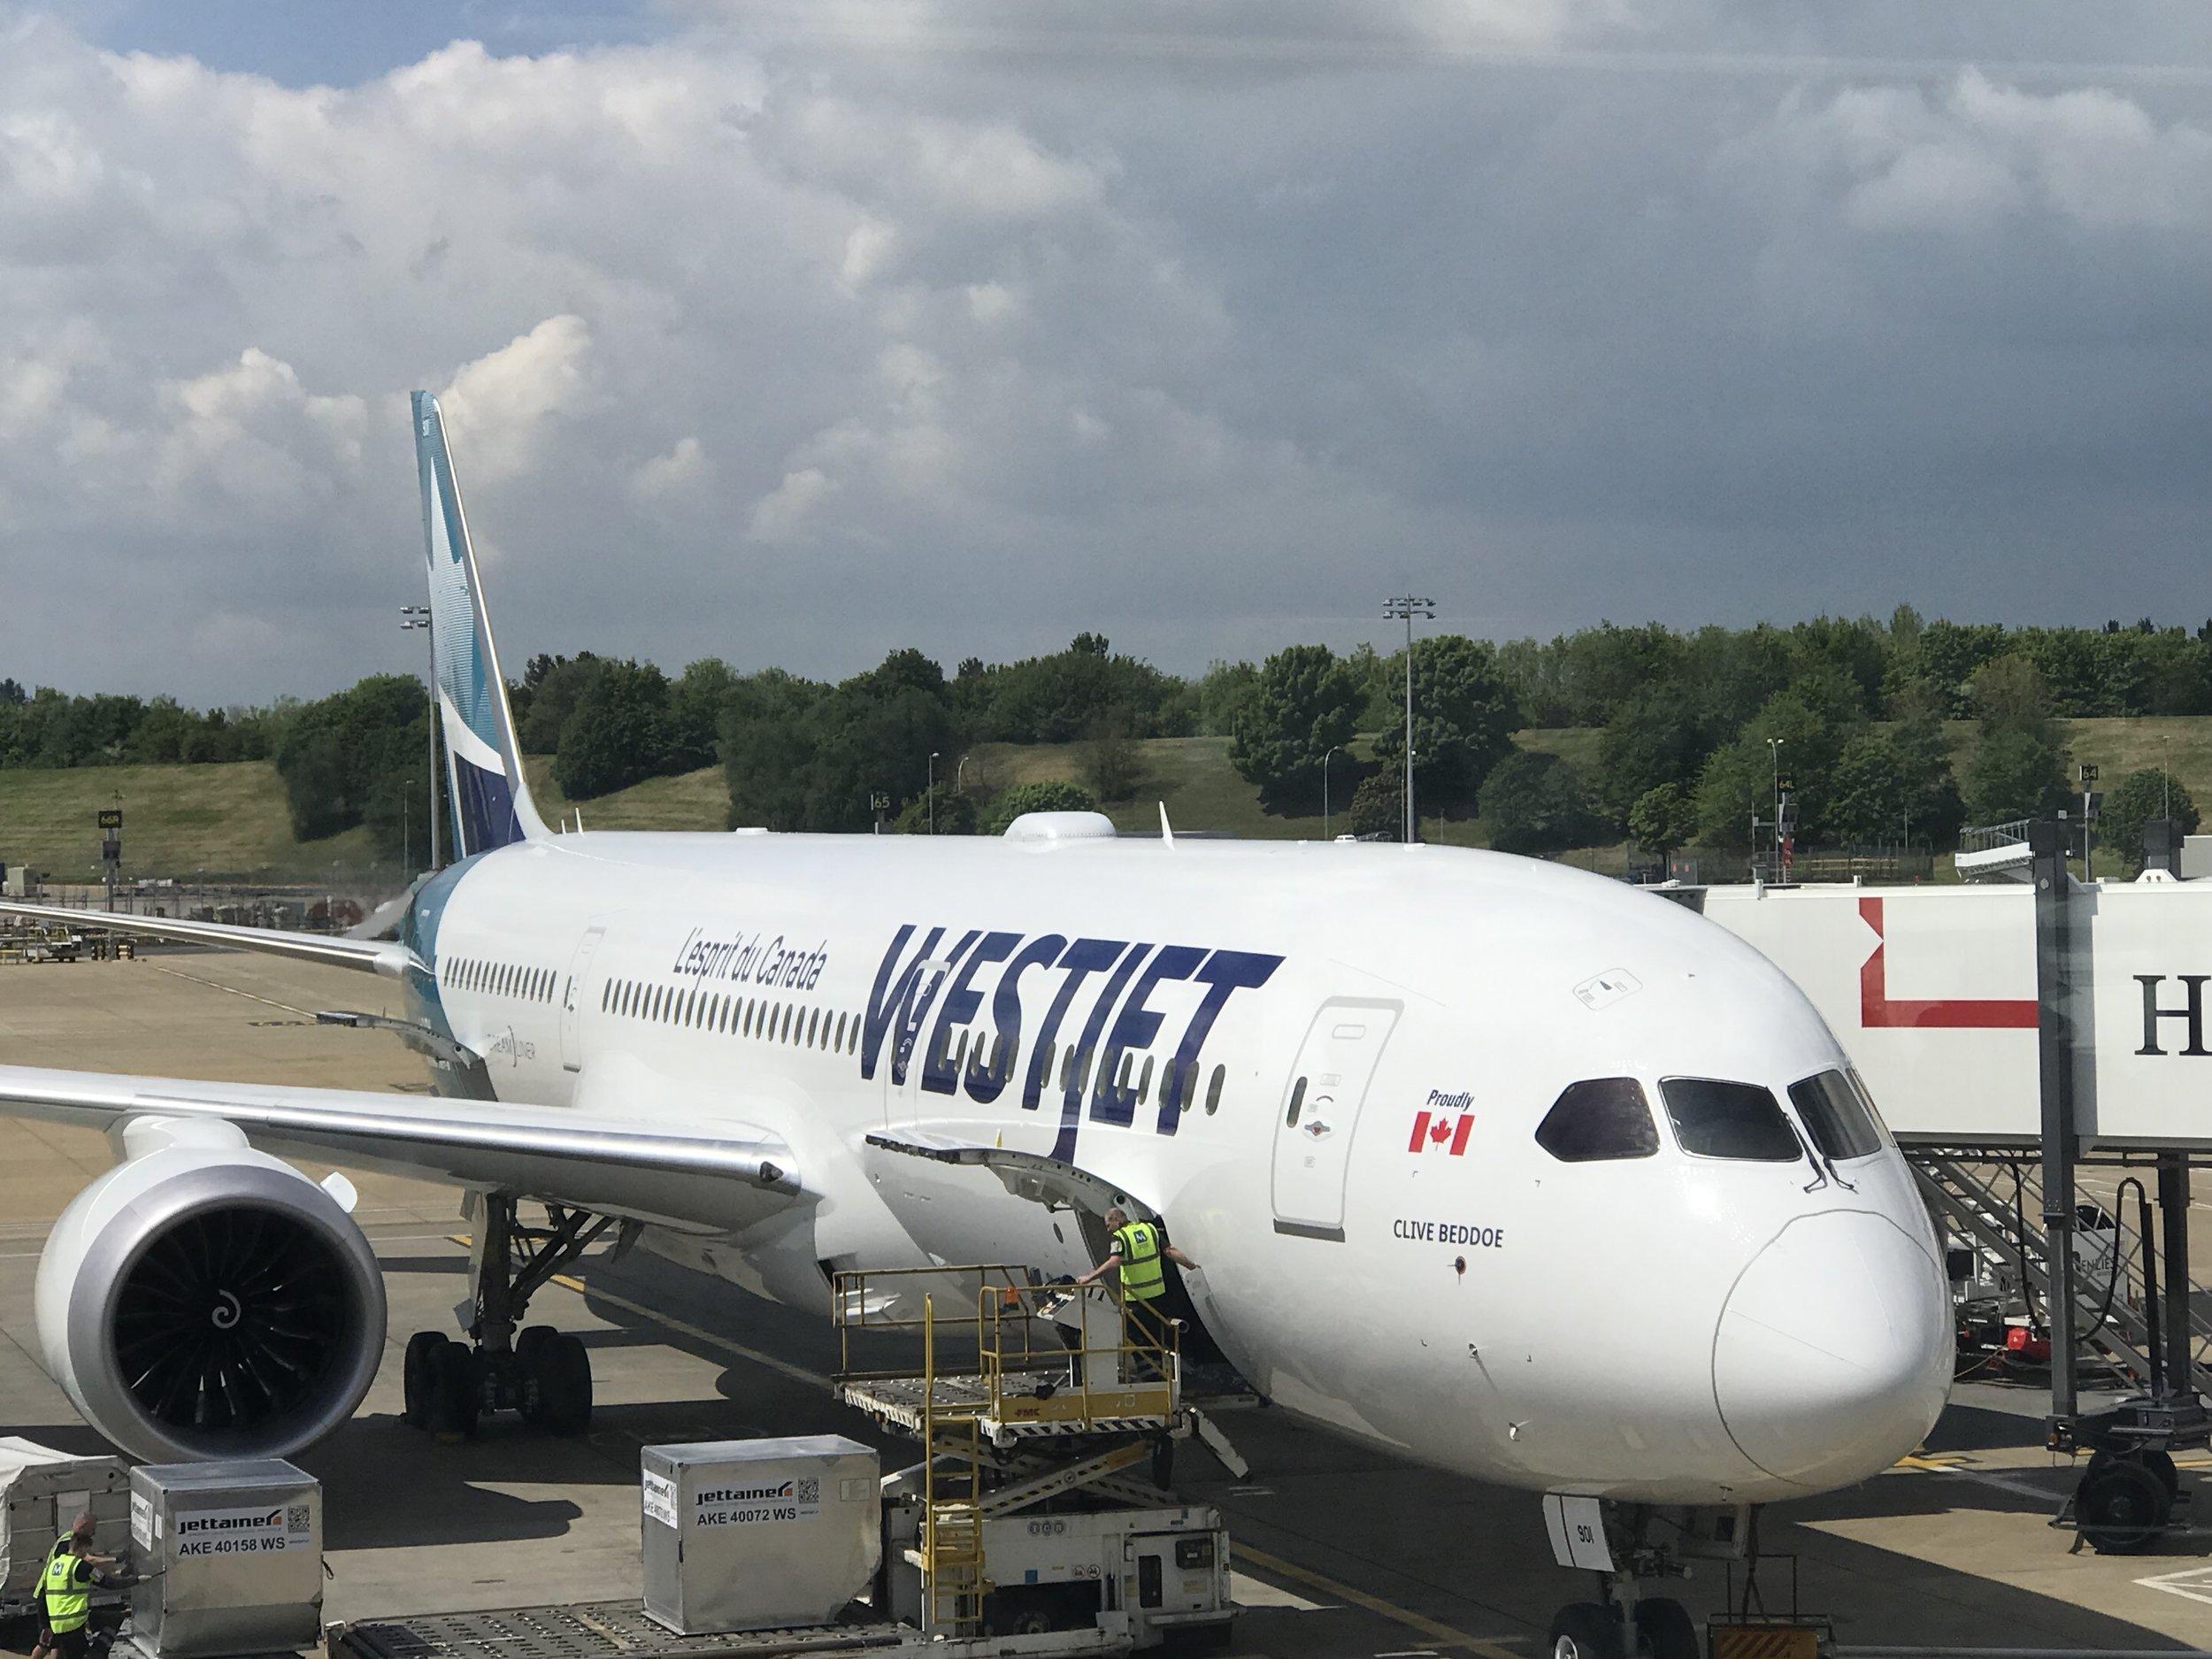 Our 787 Dreamliner was christened Clive Boddoe, after Westjet's founder.